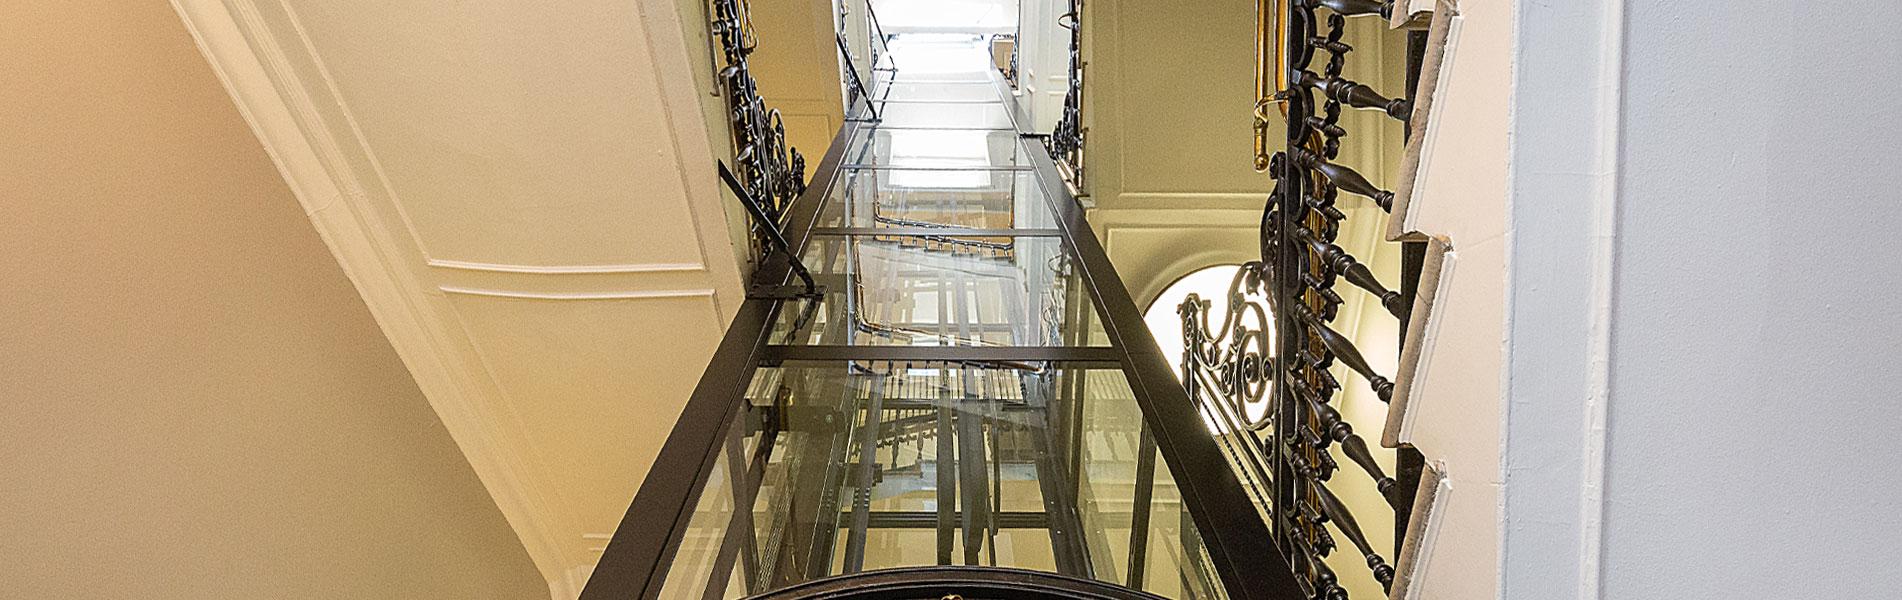 Bespoke lifts